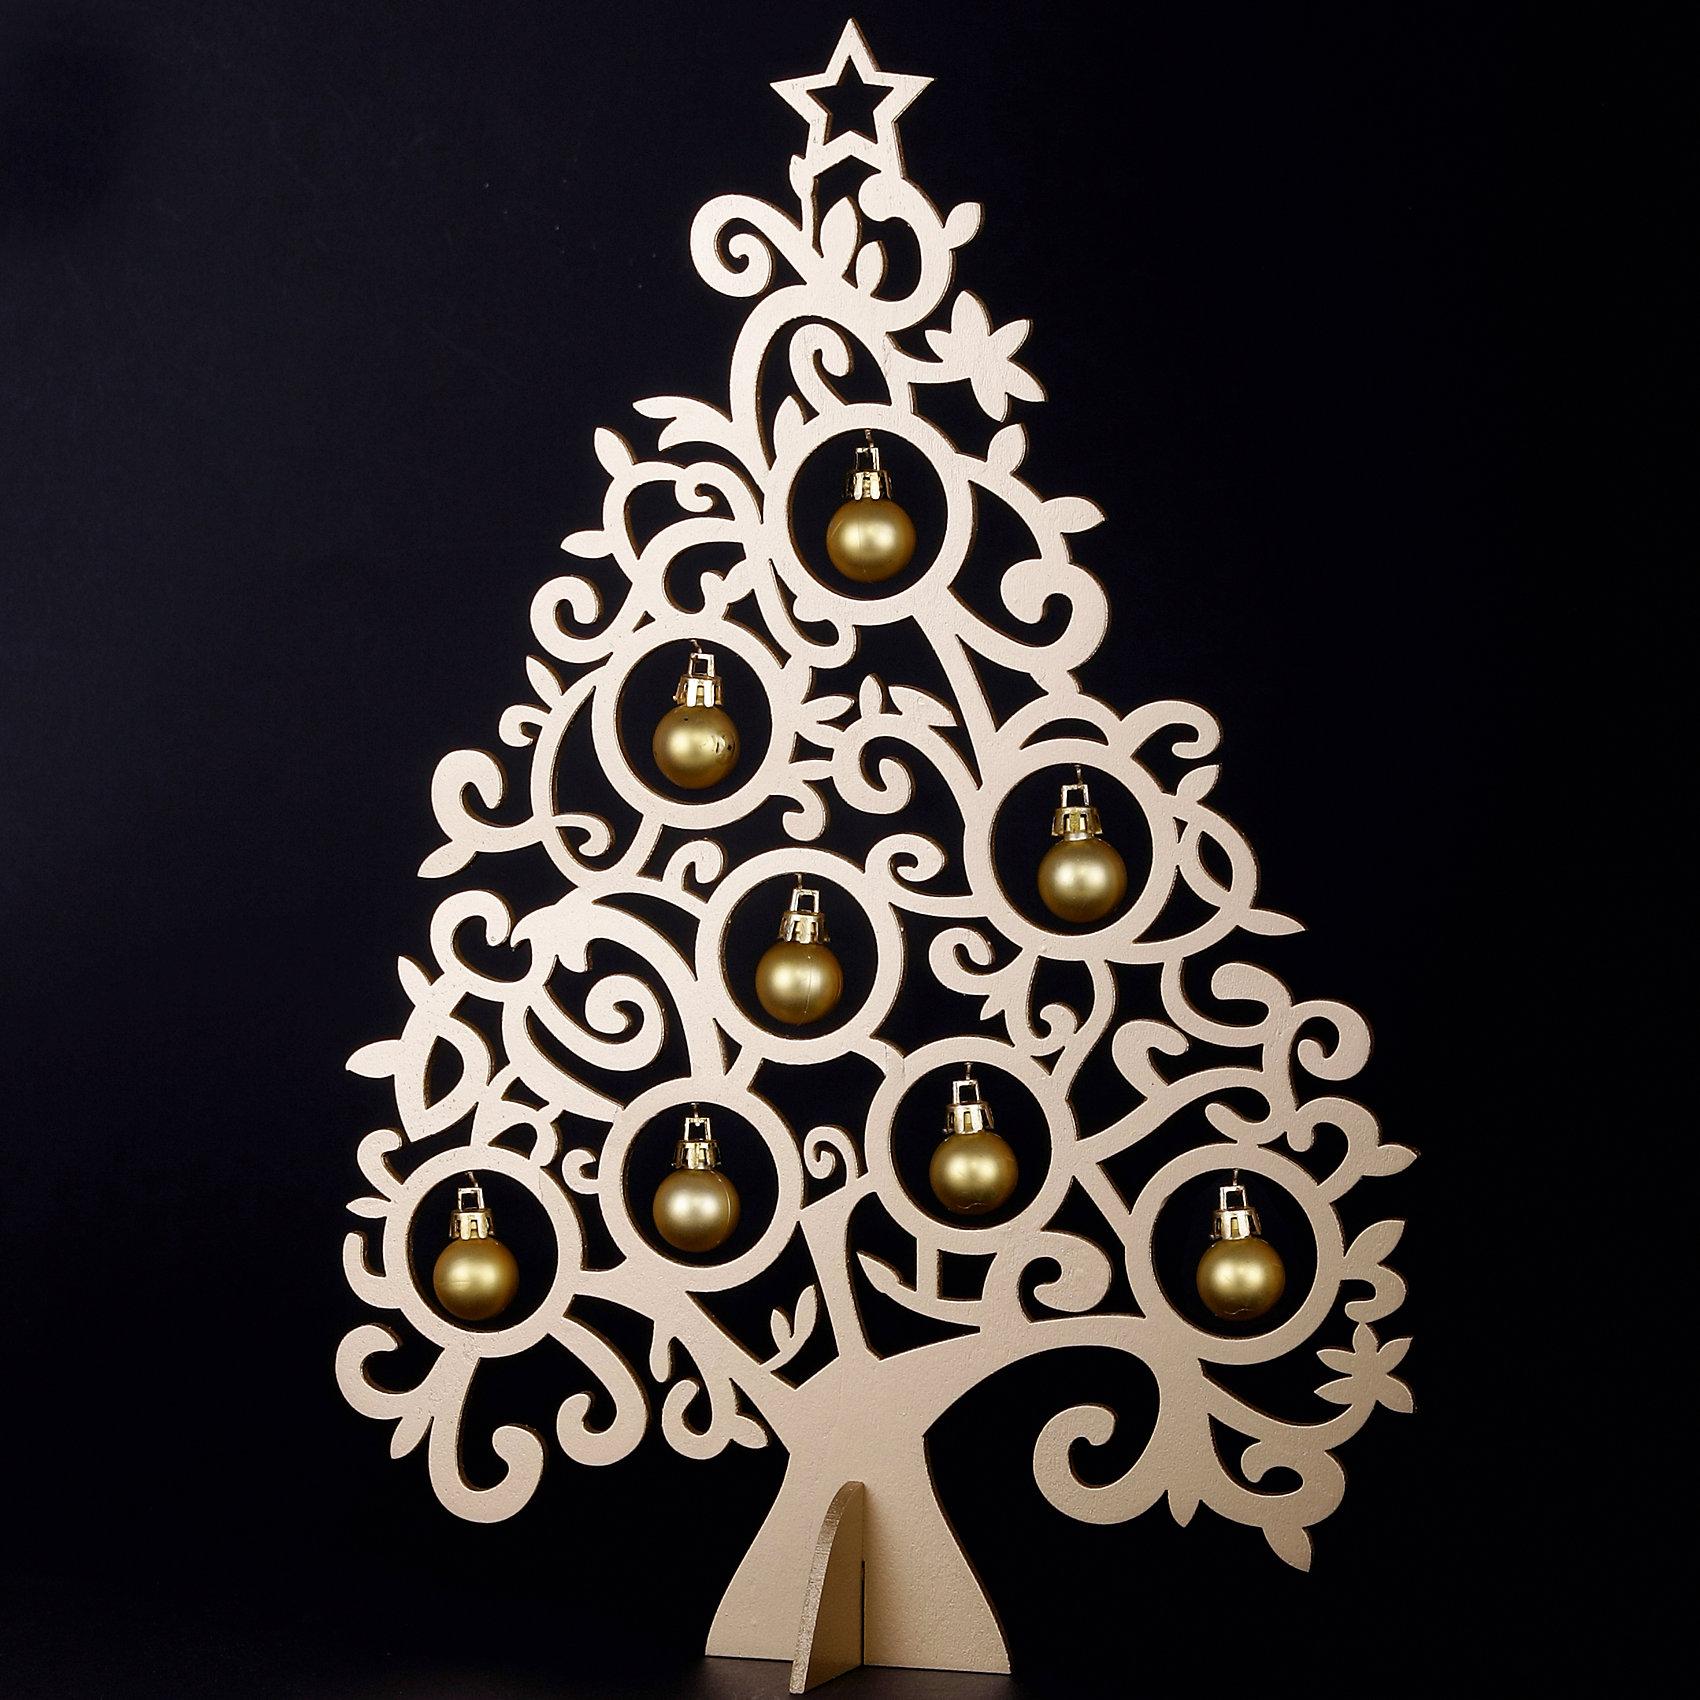 Деревянное украшение Ажурная ель 37 см (золотая)Деревянное украшение Ажурная ель, Феникс-презент, замечательно украсит Ваш интерьер и станет приятным сувениром для родных и друзей. Украшение выполнено в виде ажурной новогодней елочки золотистого цвета со звездой на вершине. В елке имеются круглые отверстия с<br>небольшими металлическими крючками, на которые можно подвесить новогодние пластиковые шарики (входят в комплект). Симпатичный сувенир порадует и взрослых и детей и создаст волшебную атмосферу новогодних праздников. <br><br><br>Дополнительная информация:<br><br>- Цвет: золотой.<br>- Материал: древесина тополя, пластик.<br>- Высота елки: 37 см.<br>- Размер упаковки: 39 x 28 x 2 см.<br><br>Деревянное украшение Ажурная ель (золотая), Феникс-презент, можно купить в нашем интернет-магазине.<br><br>Ширина мм: 380<br>Глубина мм: 200<br>Высота мм: 10<br>Вес г: 100<br>Возраст от месяцев: 36<br>Возраст до месяцев: 2147483647<br>Пол: Унисекс<br>Возраст: Детский<br>SKU: 4274740